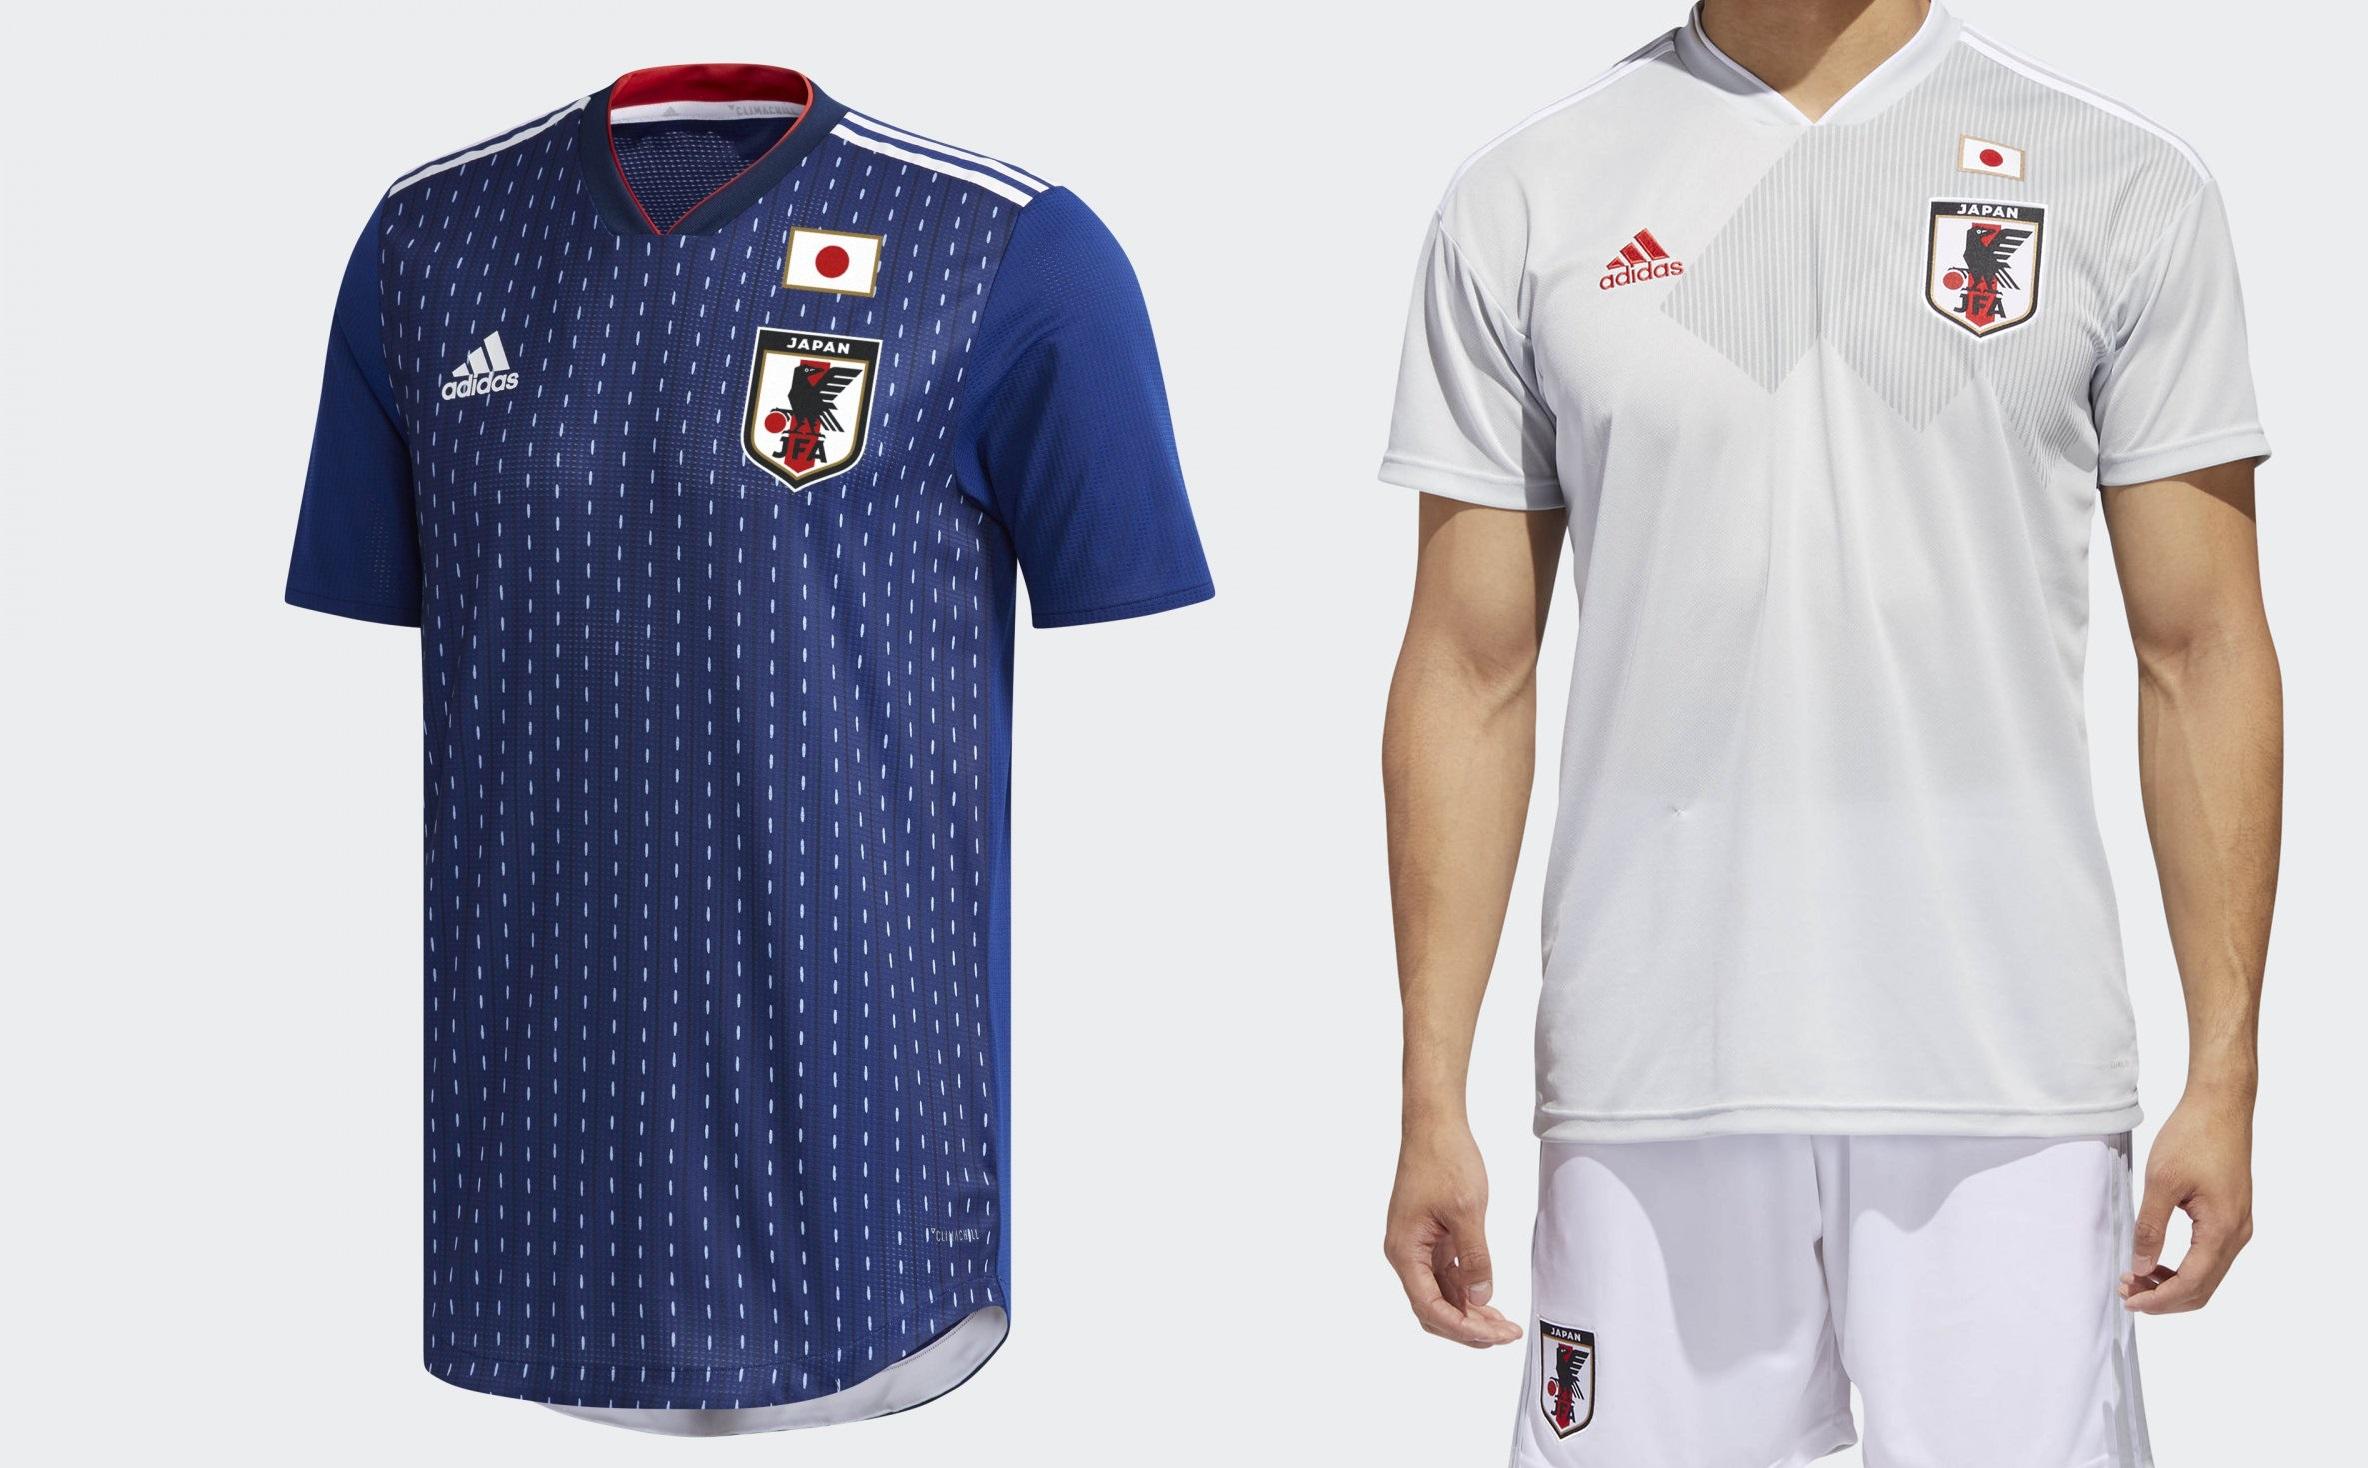 d66829c58f623 Camisetas de Japón para Rusia (ADIDAS).